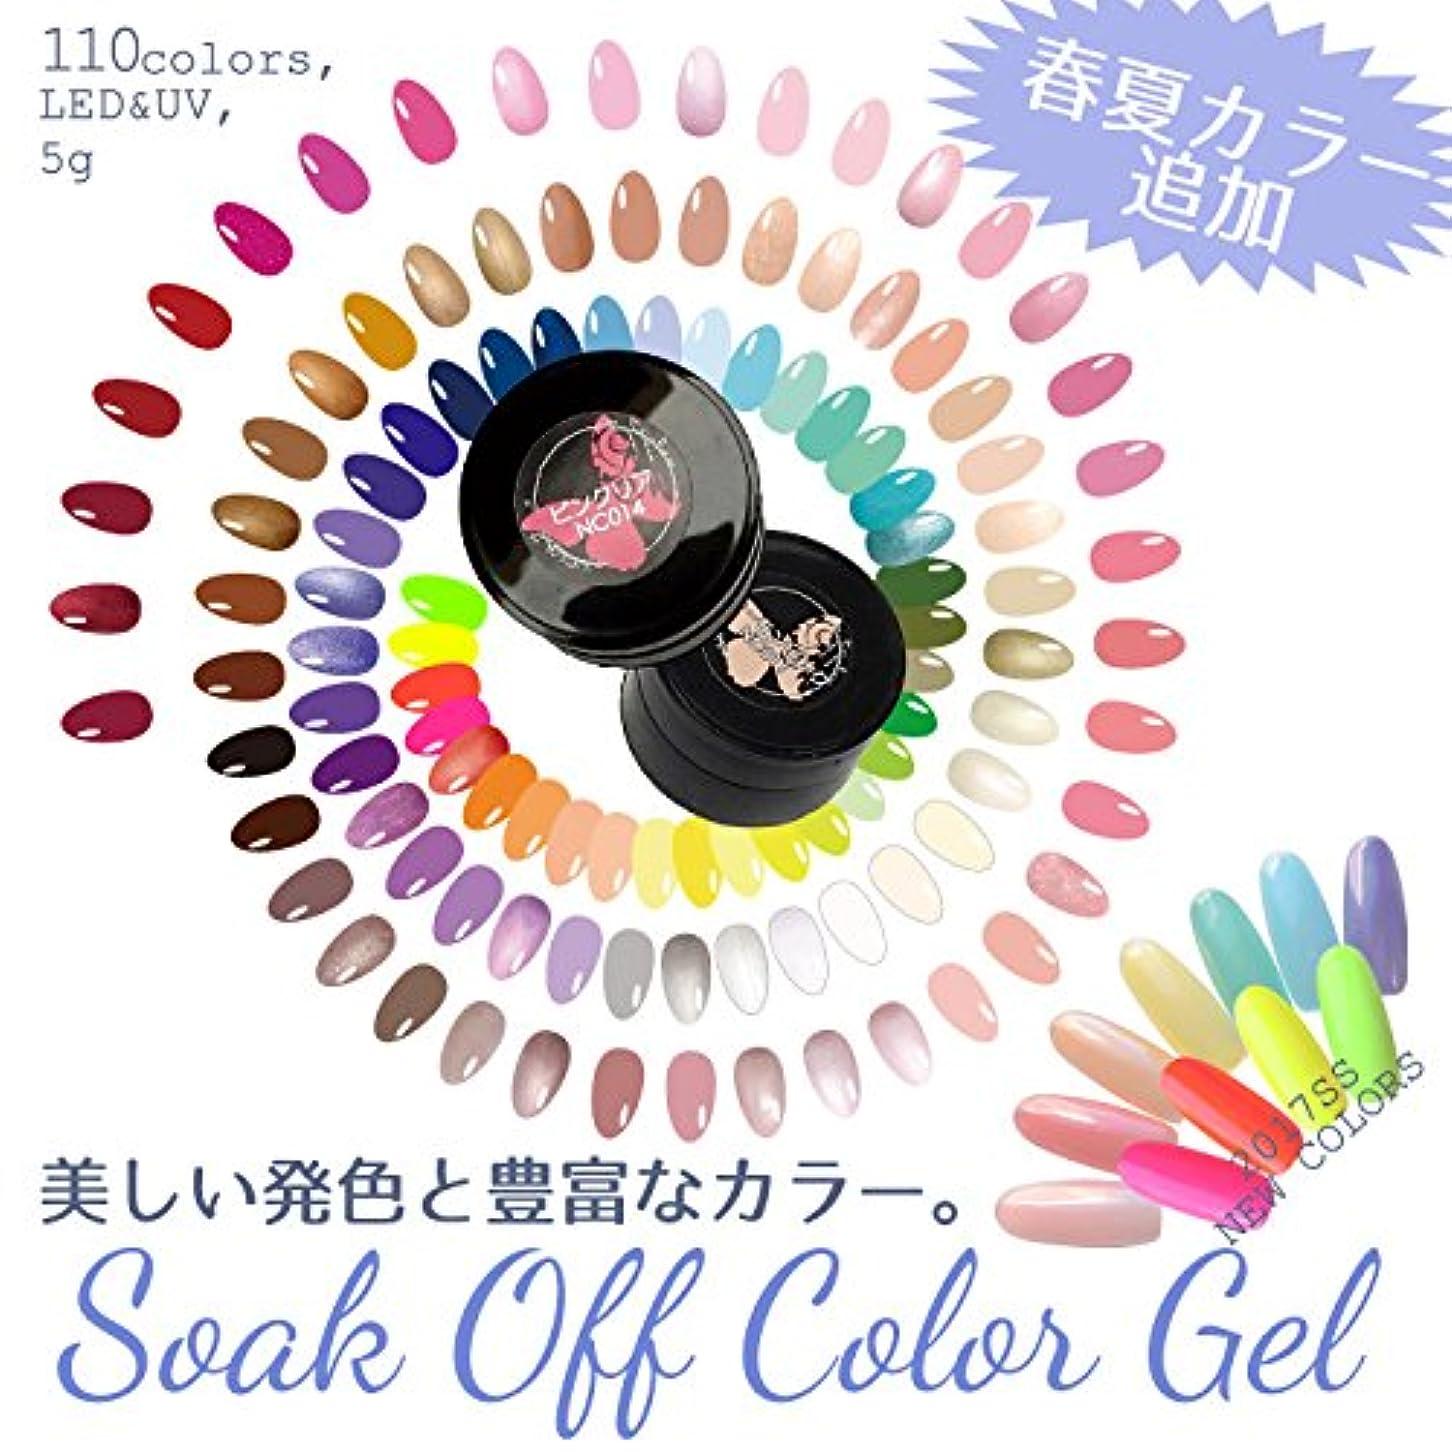 ジェルネイル《抜群の発色!》Premium Gel ソークオフ プレミアムカラージェル(5g) (NC110 レディーチーク)